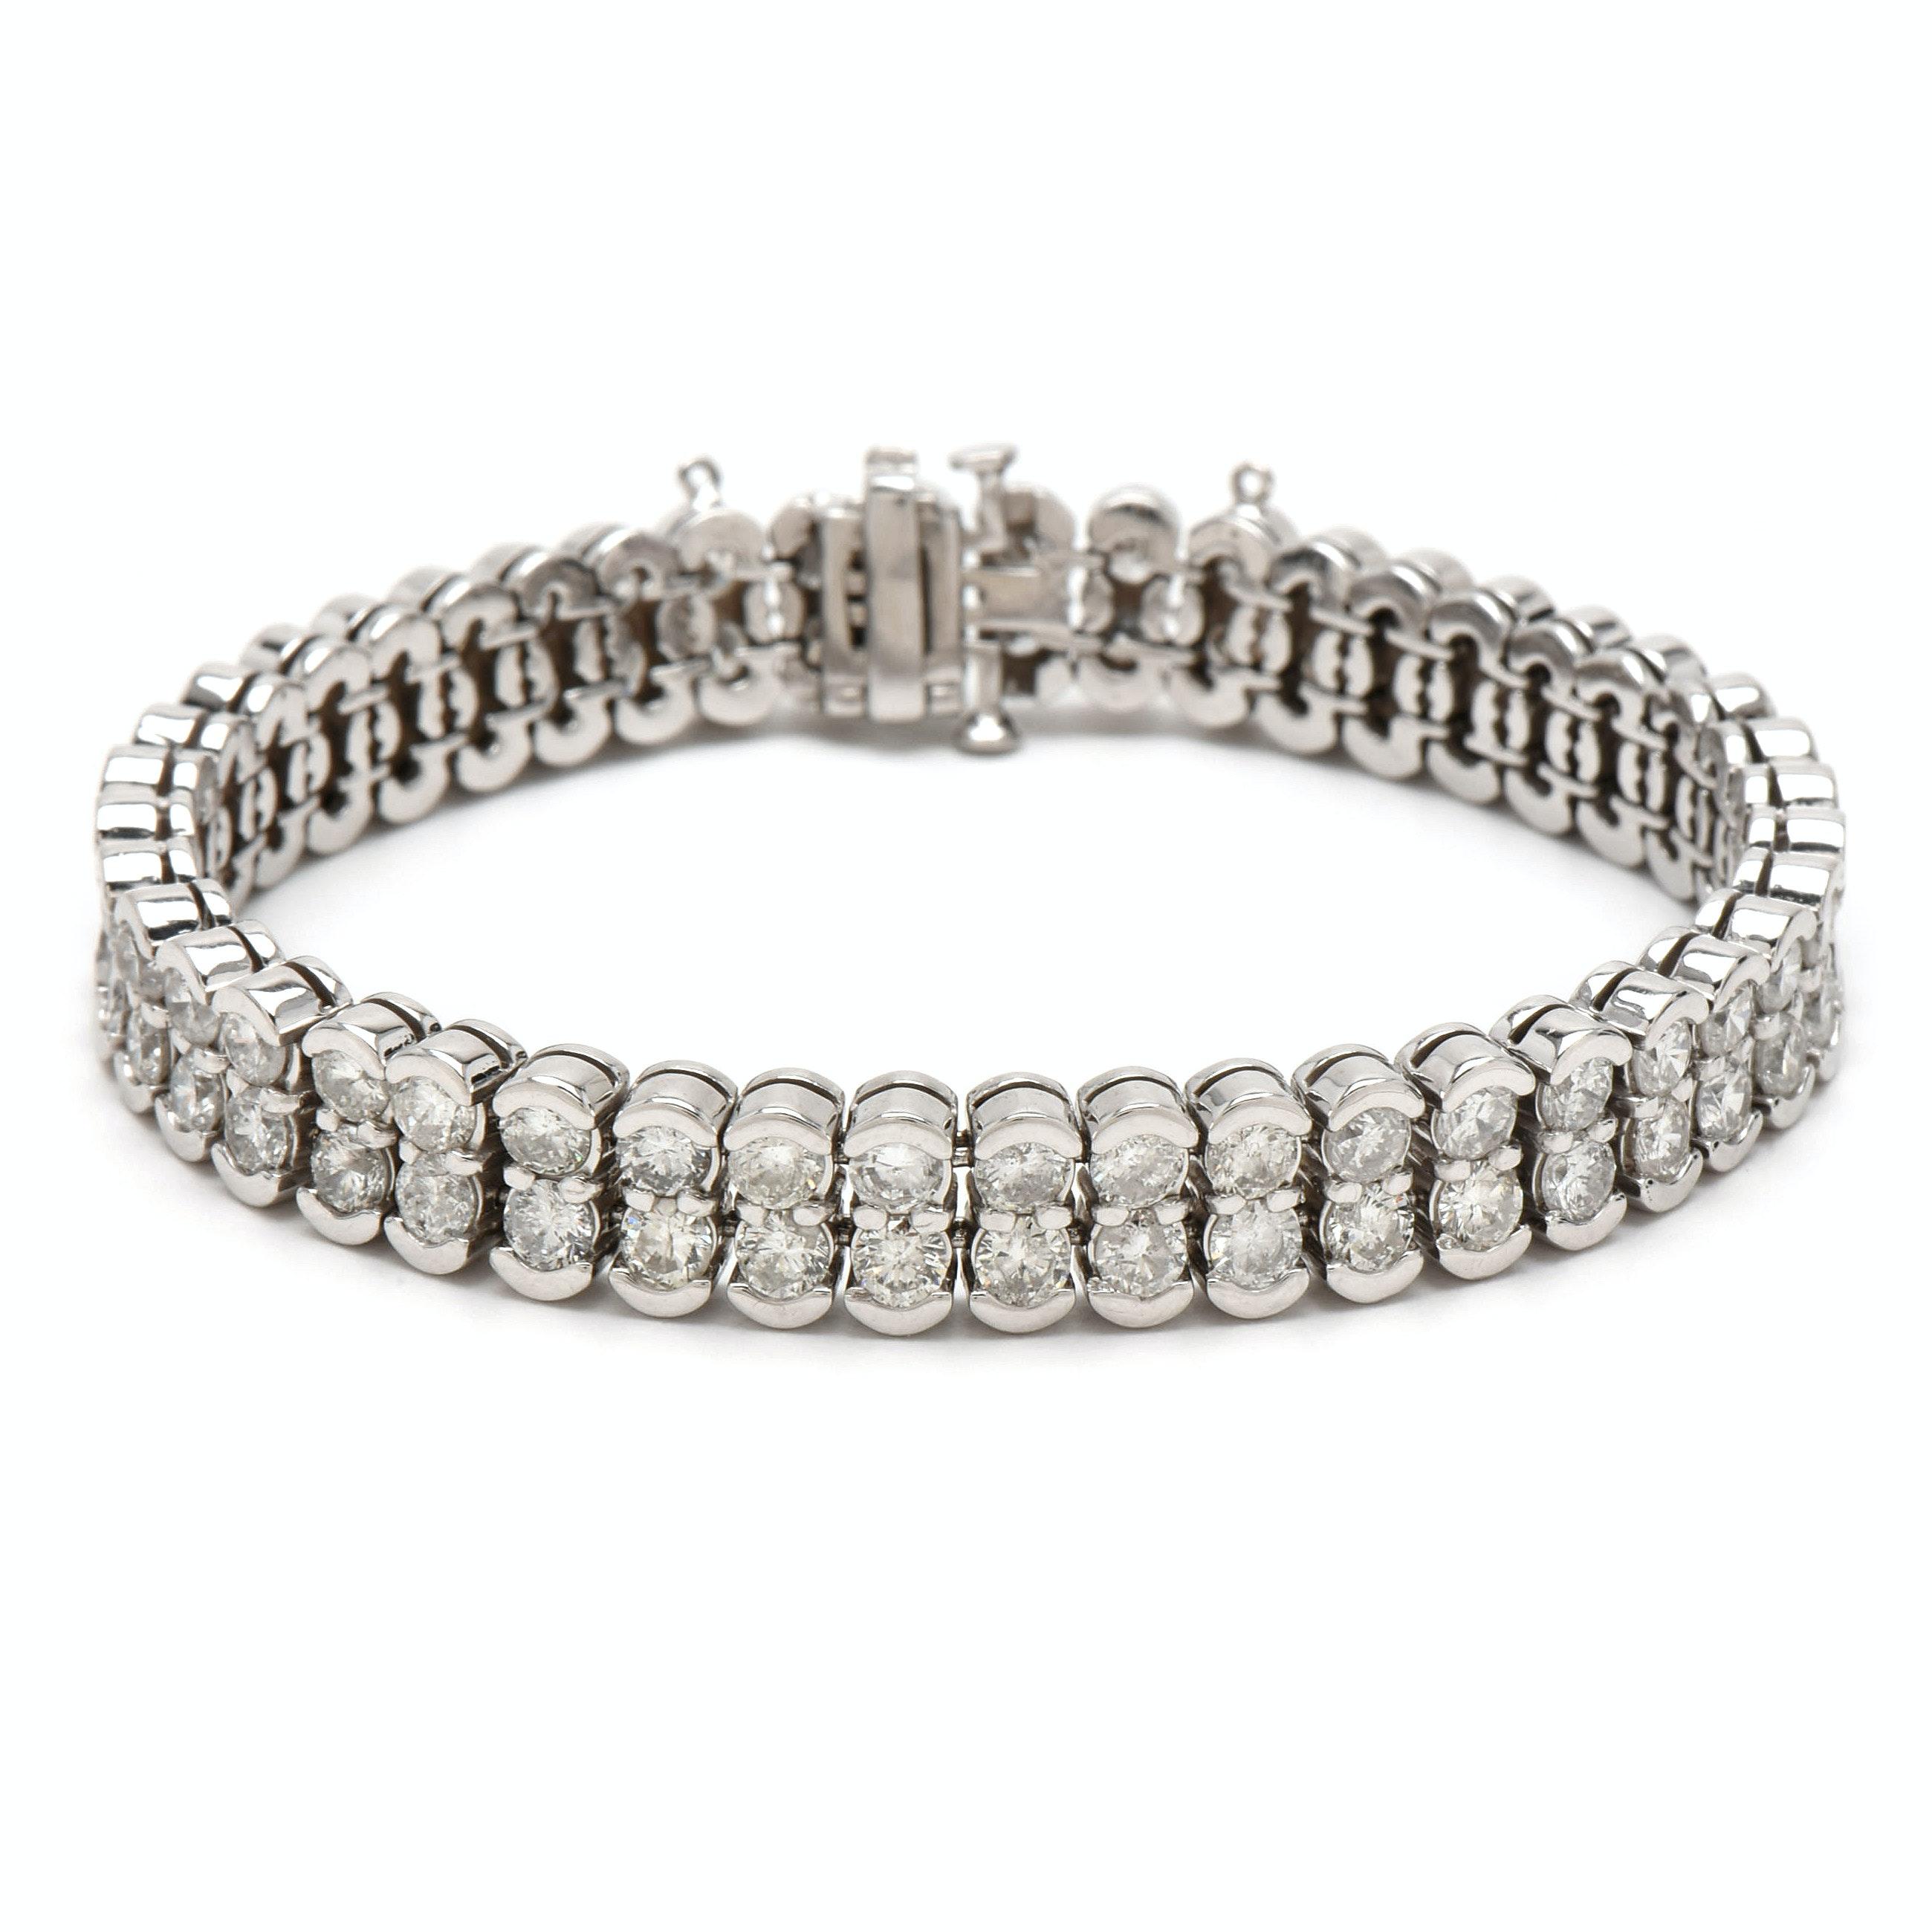 14K White Gold 14.08 CTW Diamond Double Row Tennis Bracelet